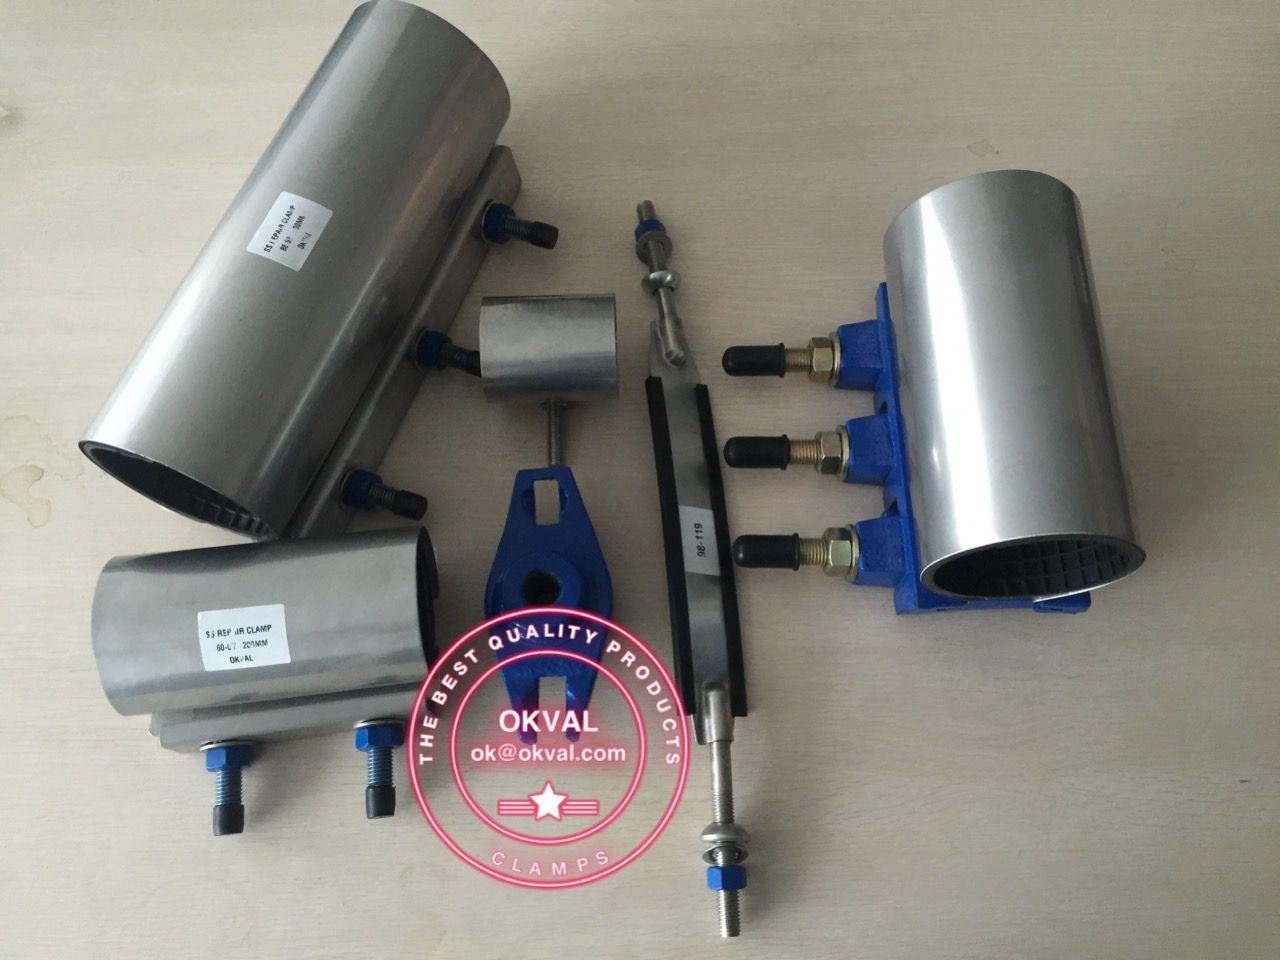 Repair clamp #okval com Pipe repair clamps Stainless steel